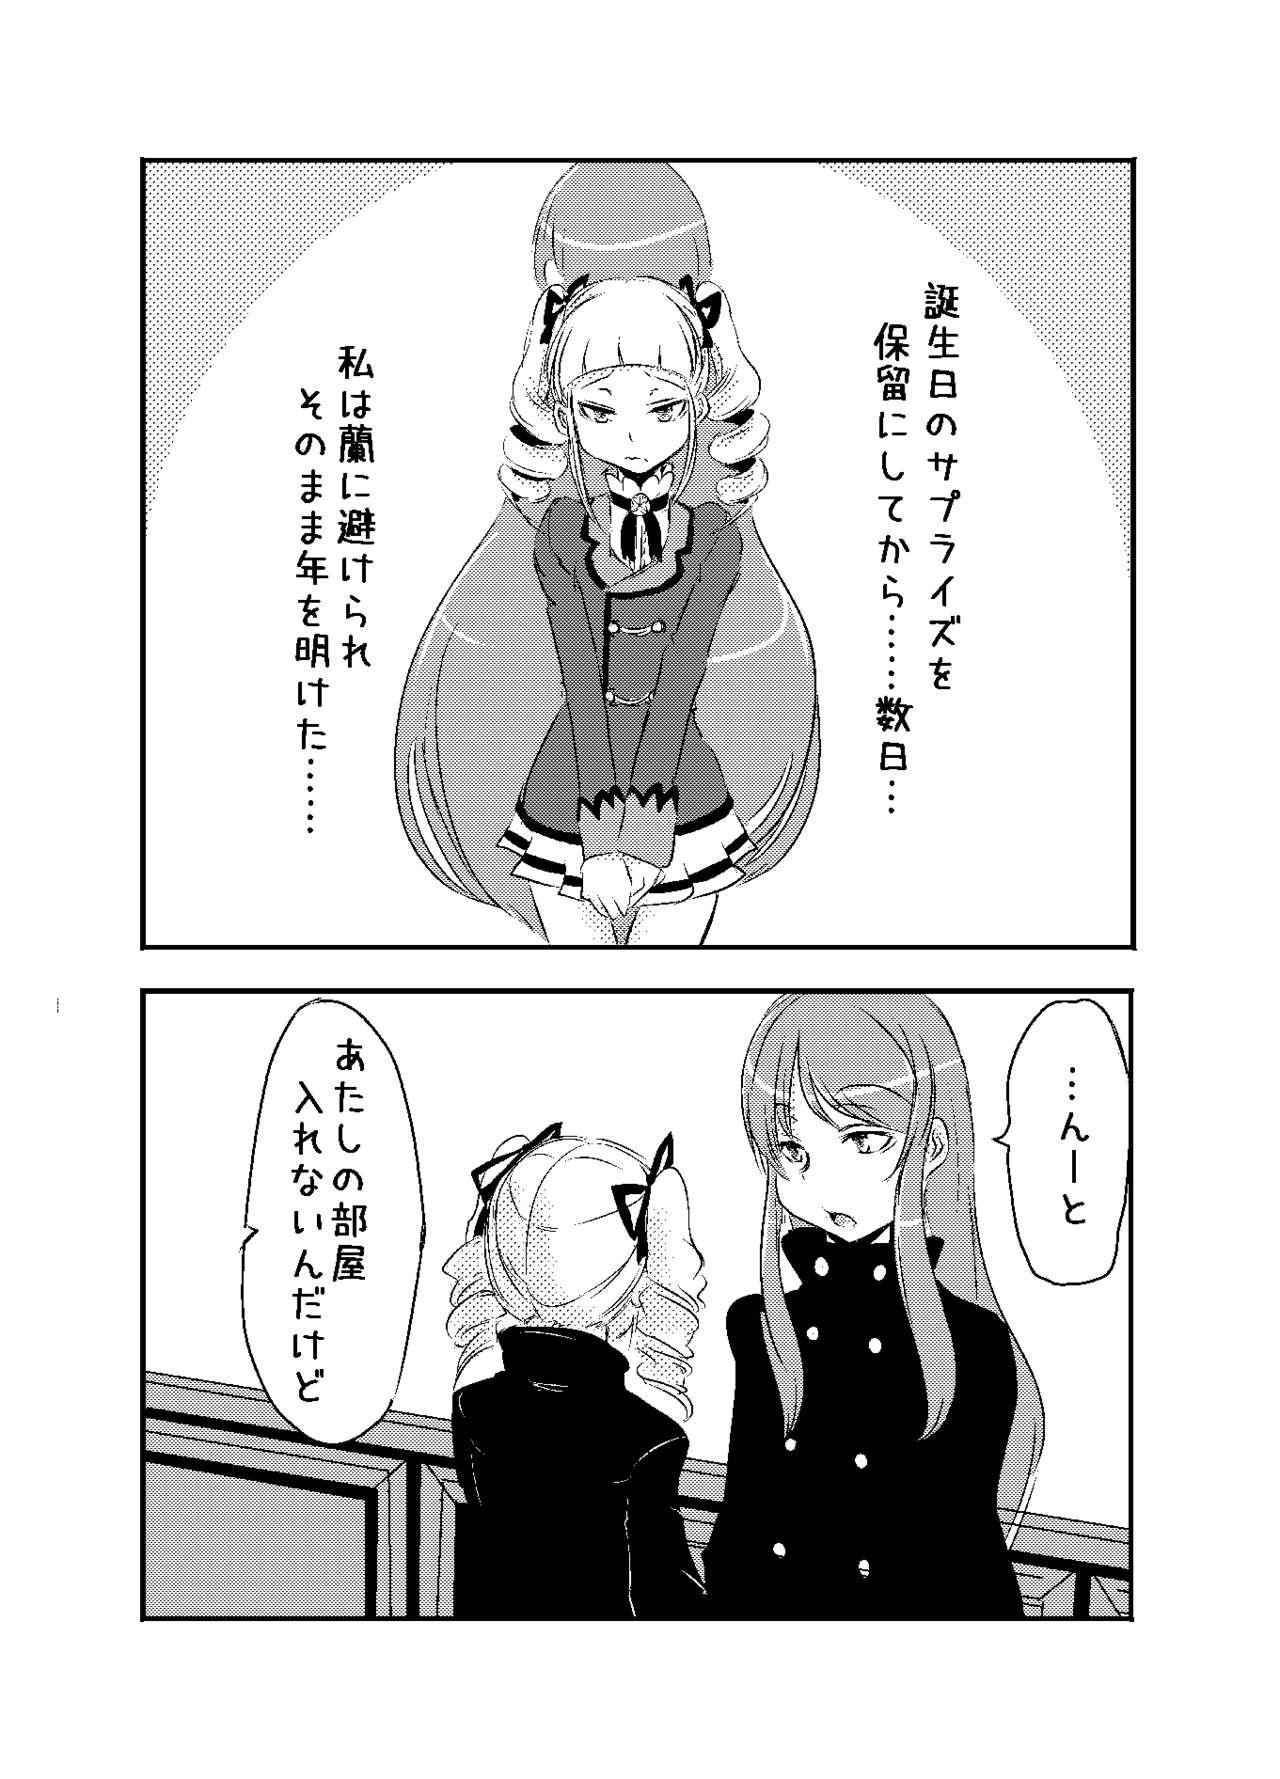 RanYuri no Nenmatsunenshi Manga 5